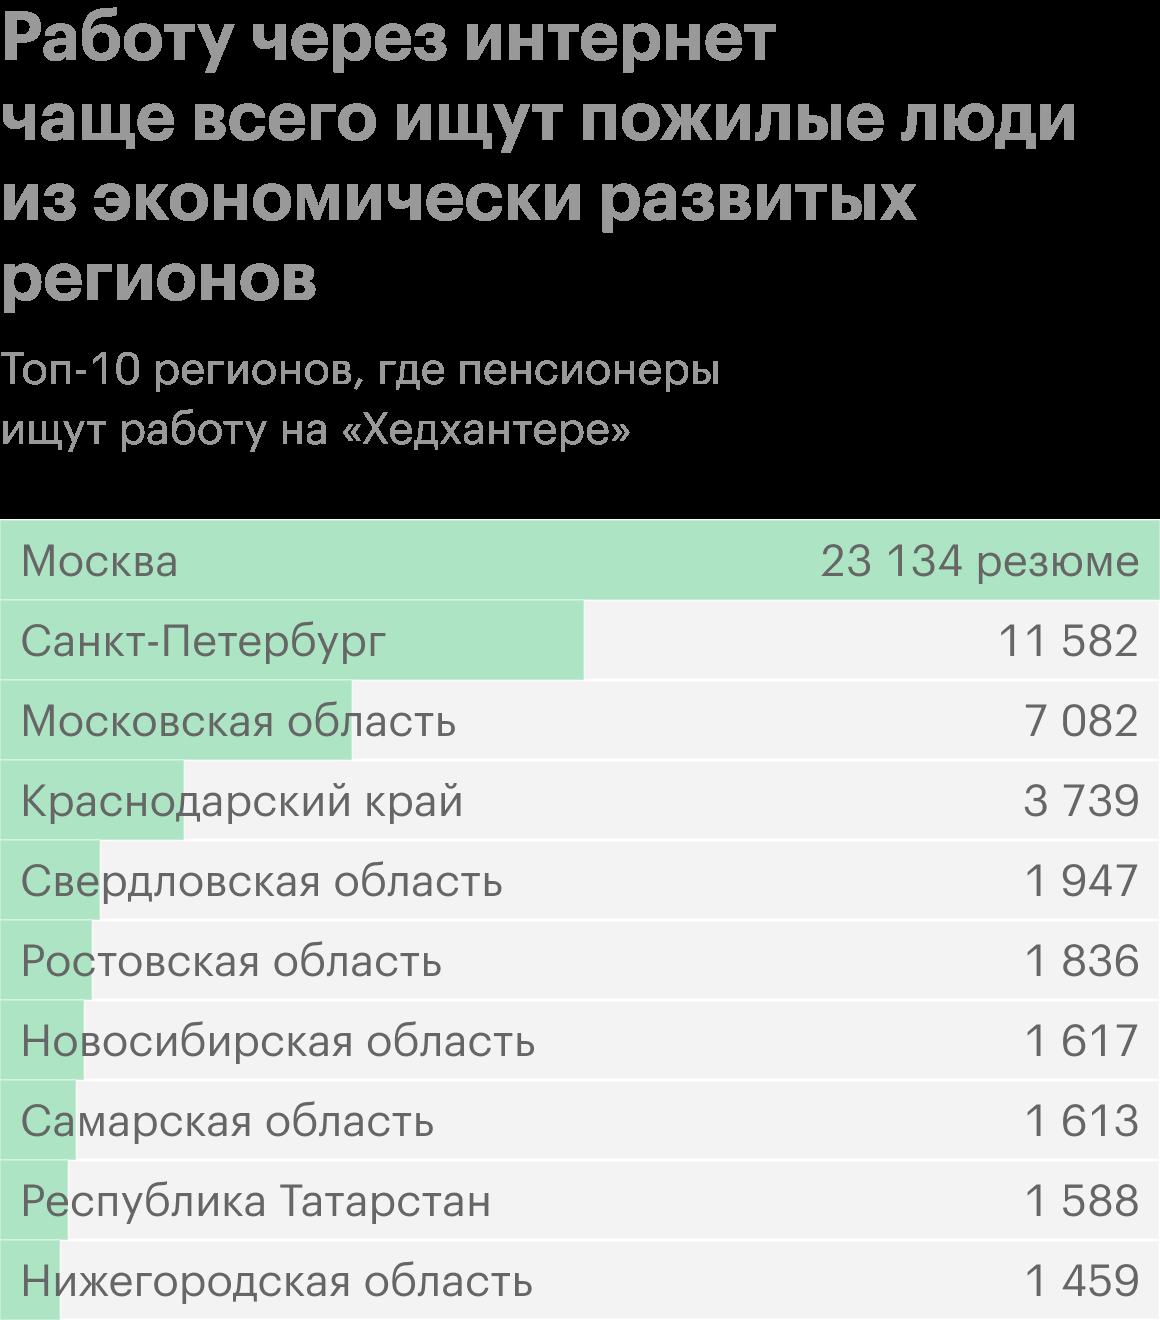 Источник: Росстат — уровень безработицы и занятость населения